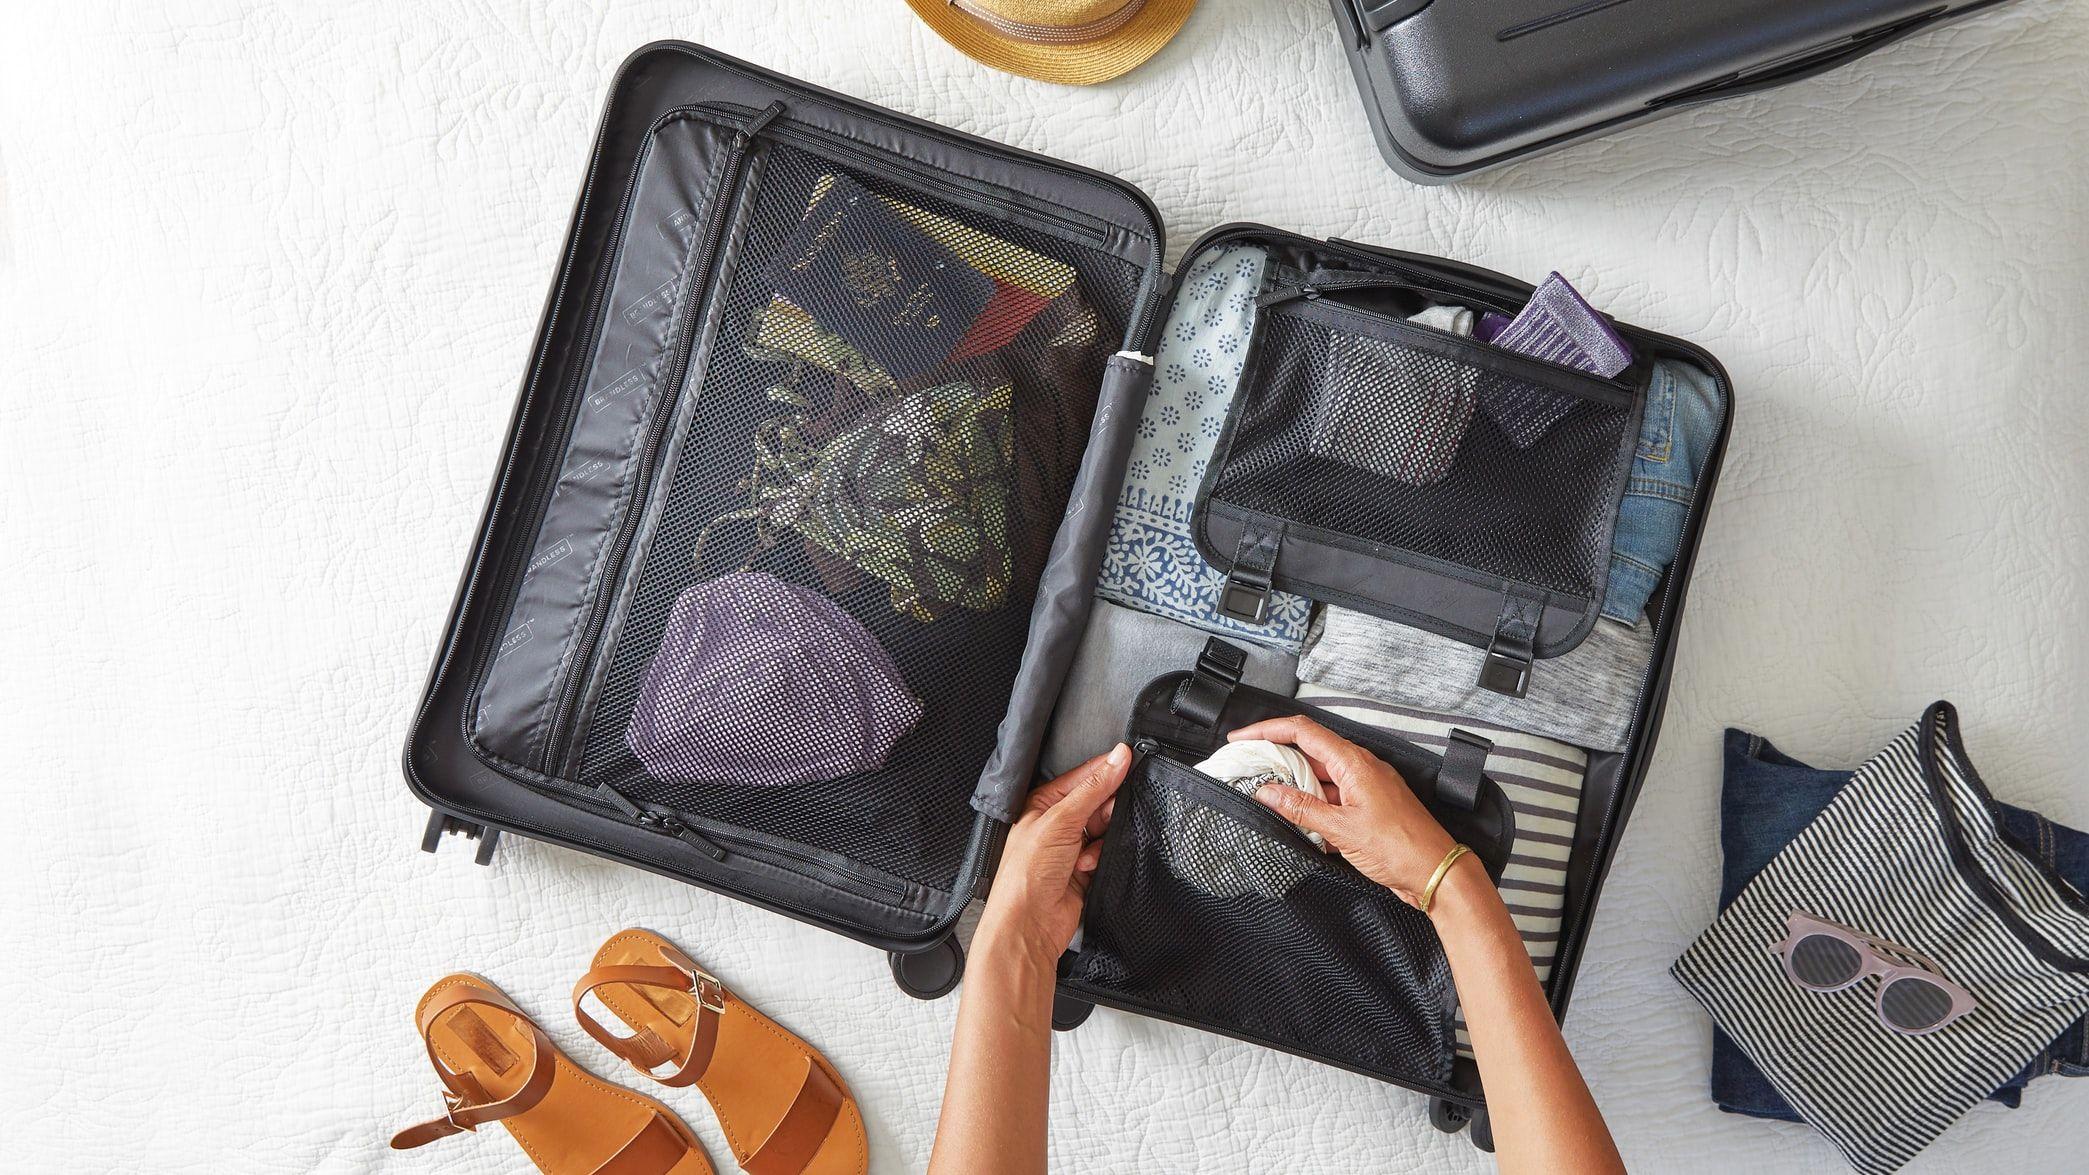 ¿Te vas al extranjero? Guarda tus cosas en un trastero Dock d_space